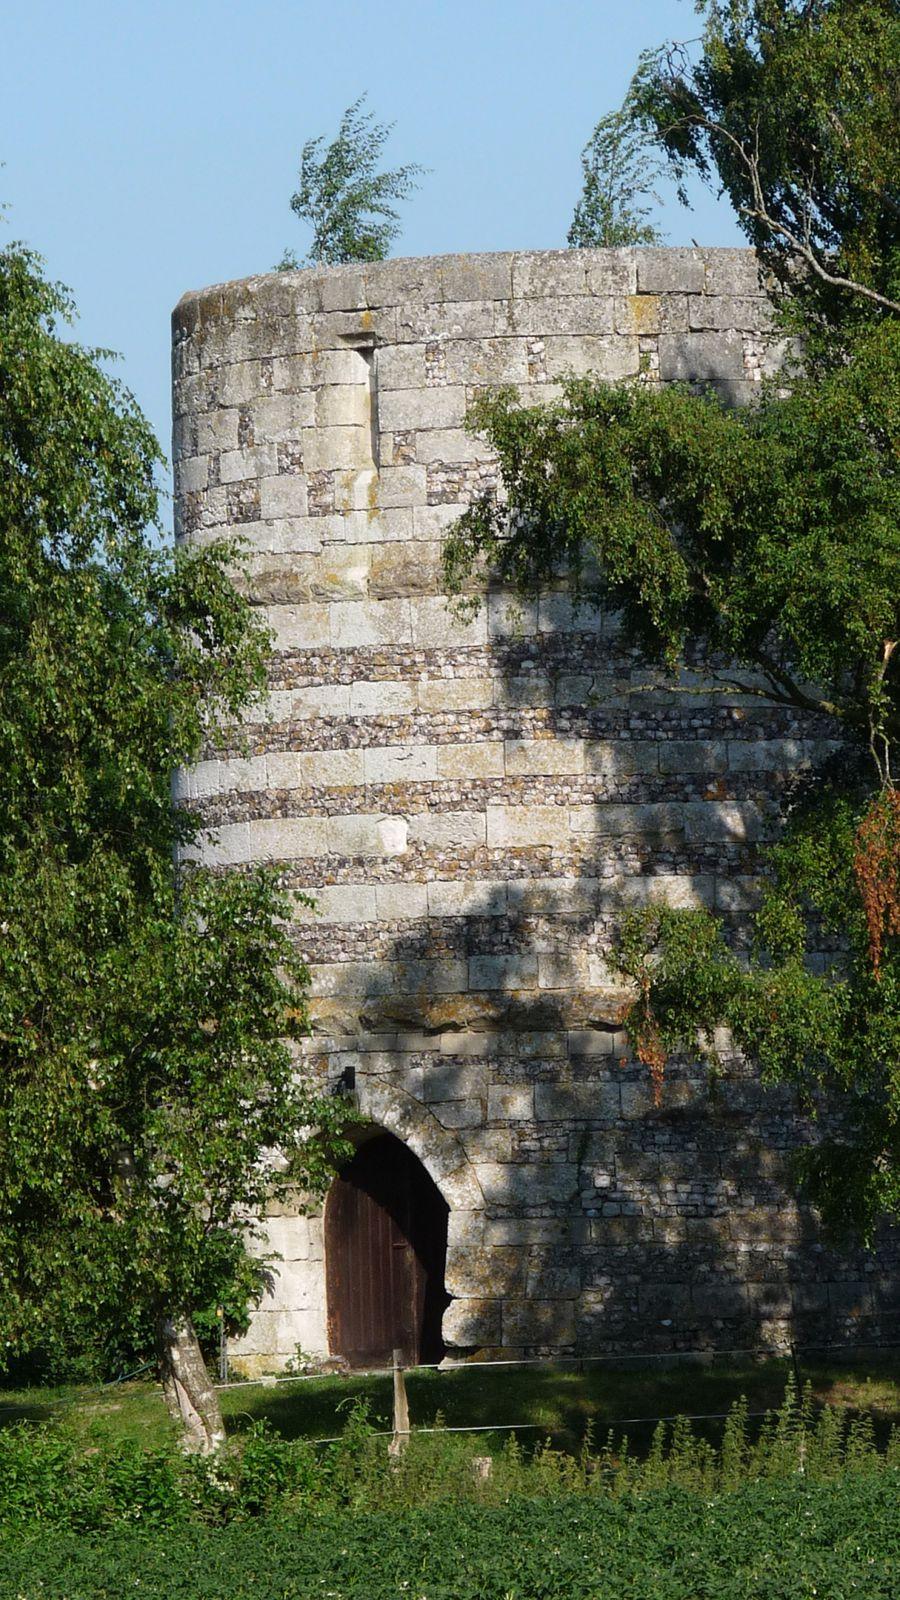 Tostes possède un beau patrimoine ancien dont la tour d'un moulin du XVe siècle (propriété privée) (cliché Armand Launay, aout 2013).